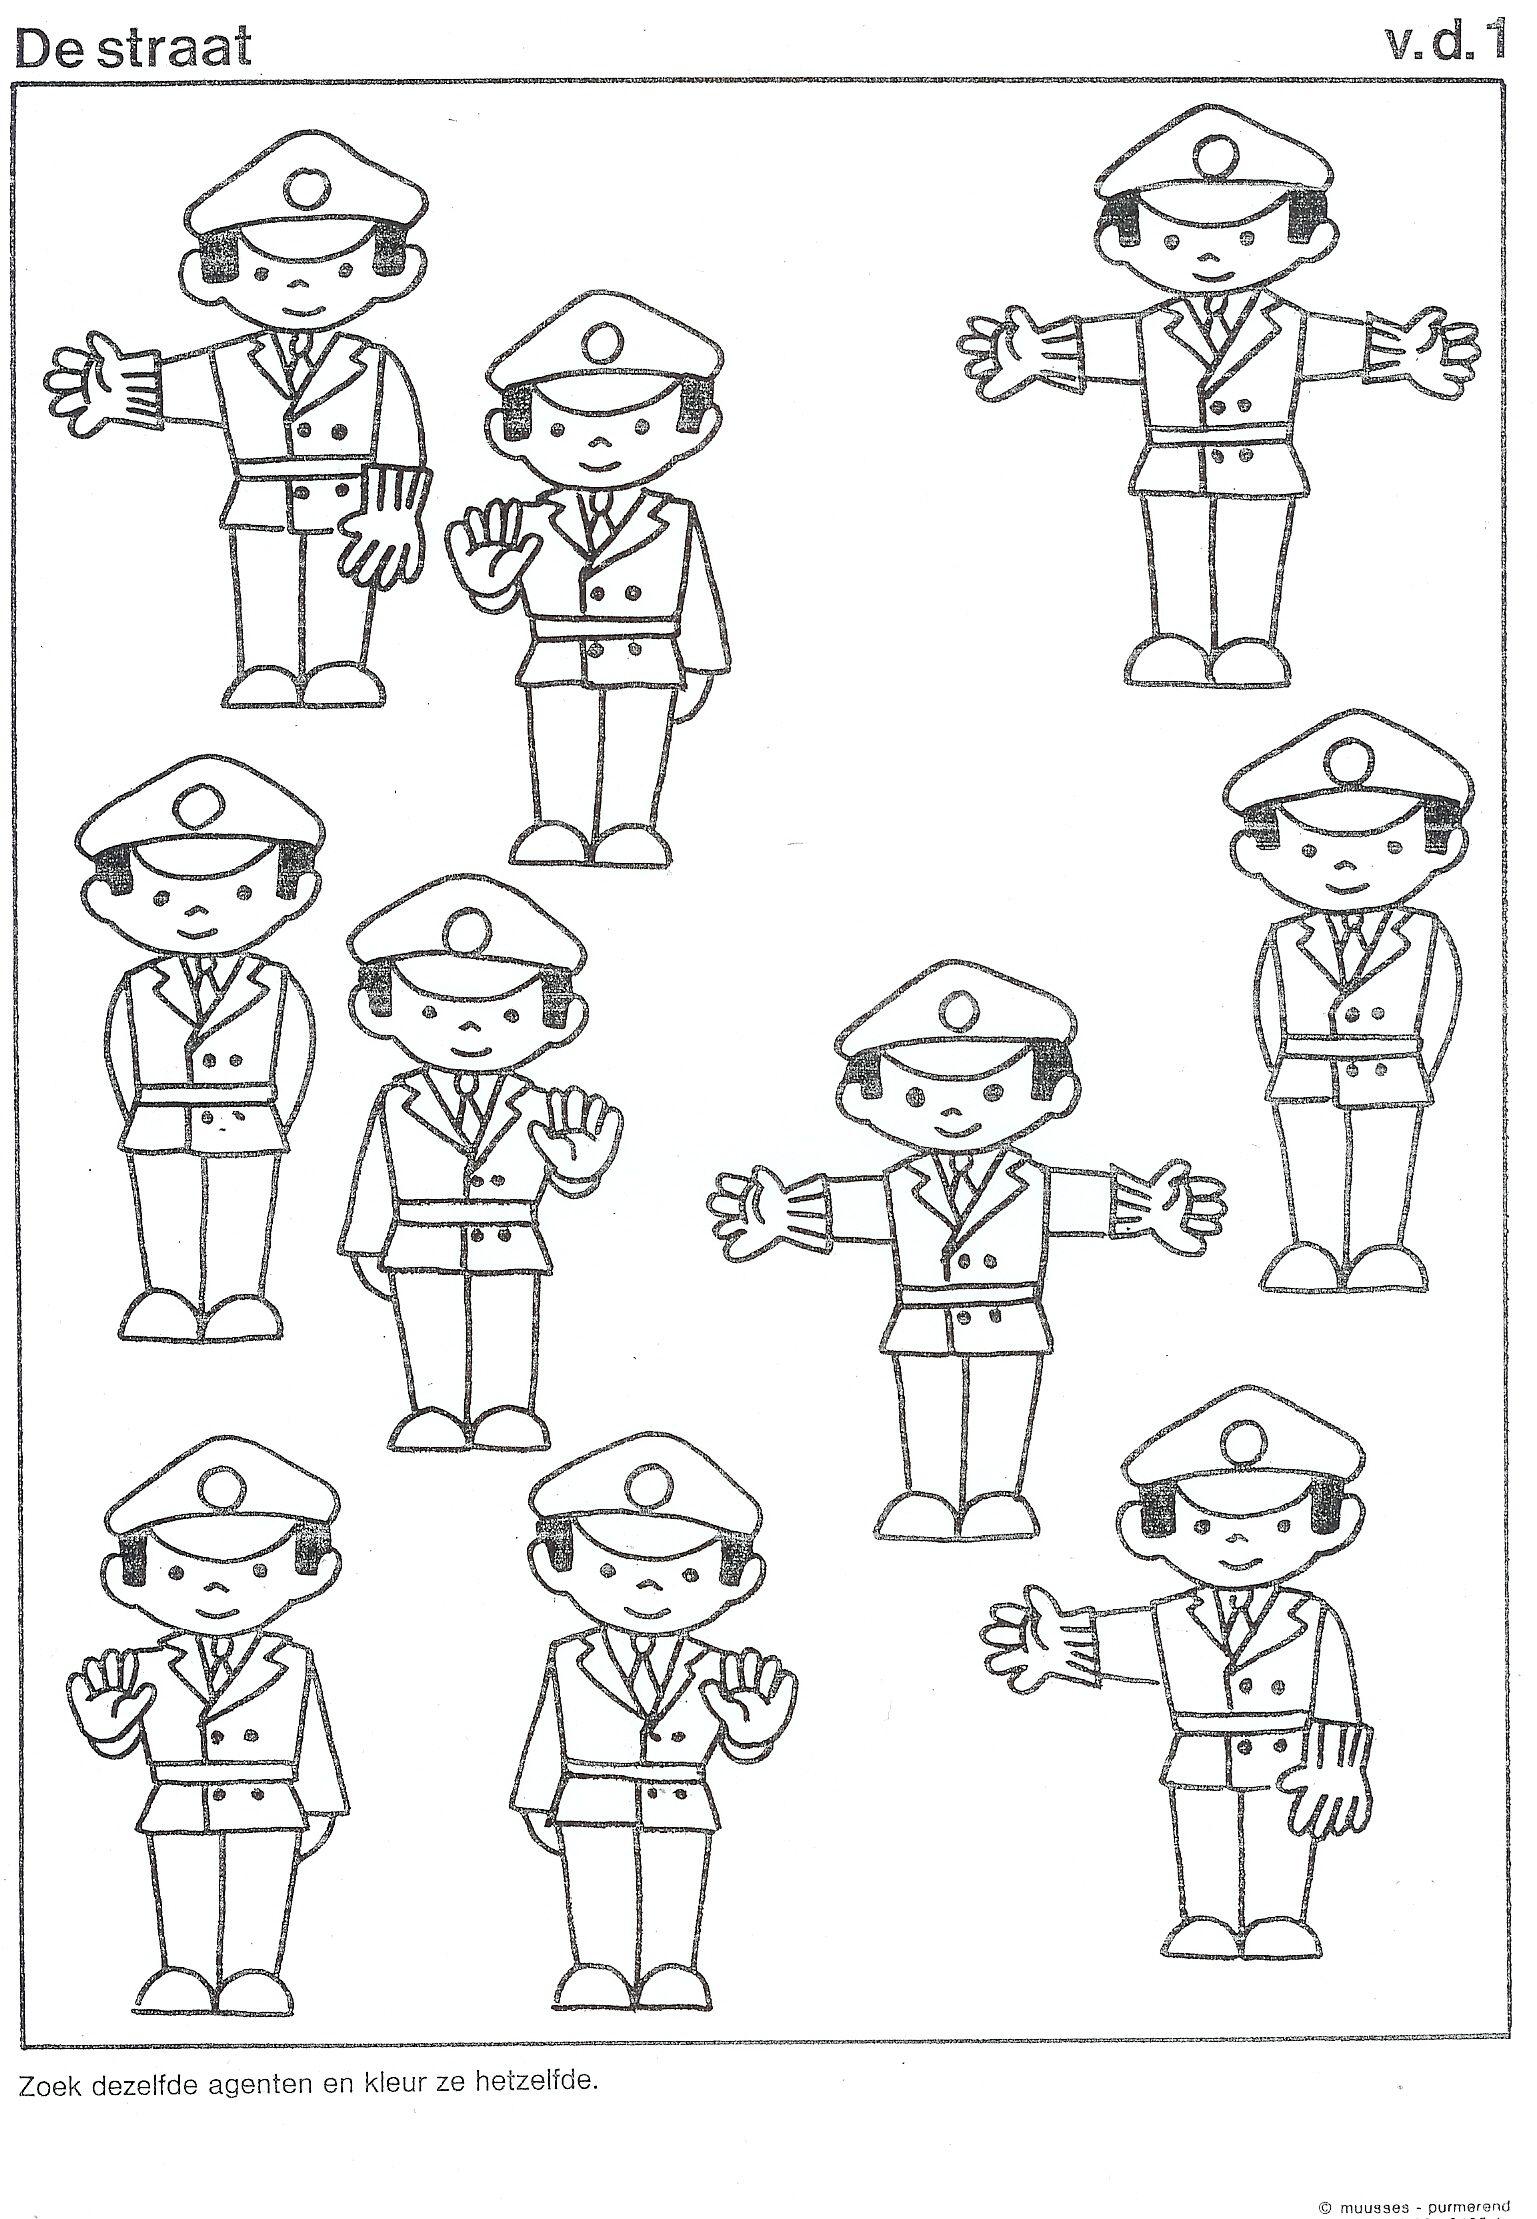 Werkblad Zoek Dezelfde Peuterspeelzaal Ideeen Thema Politie